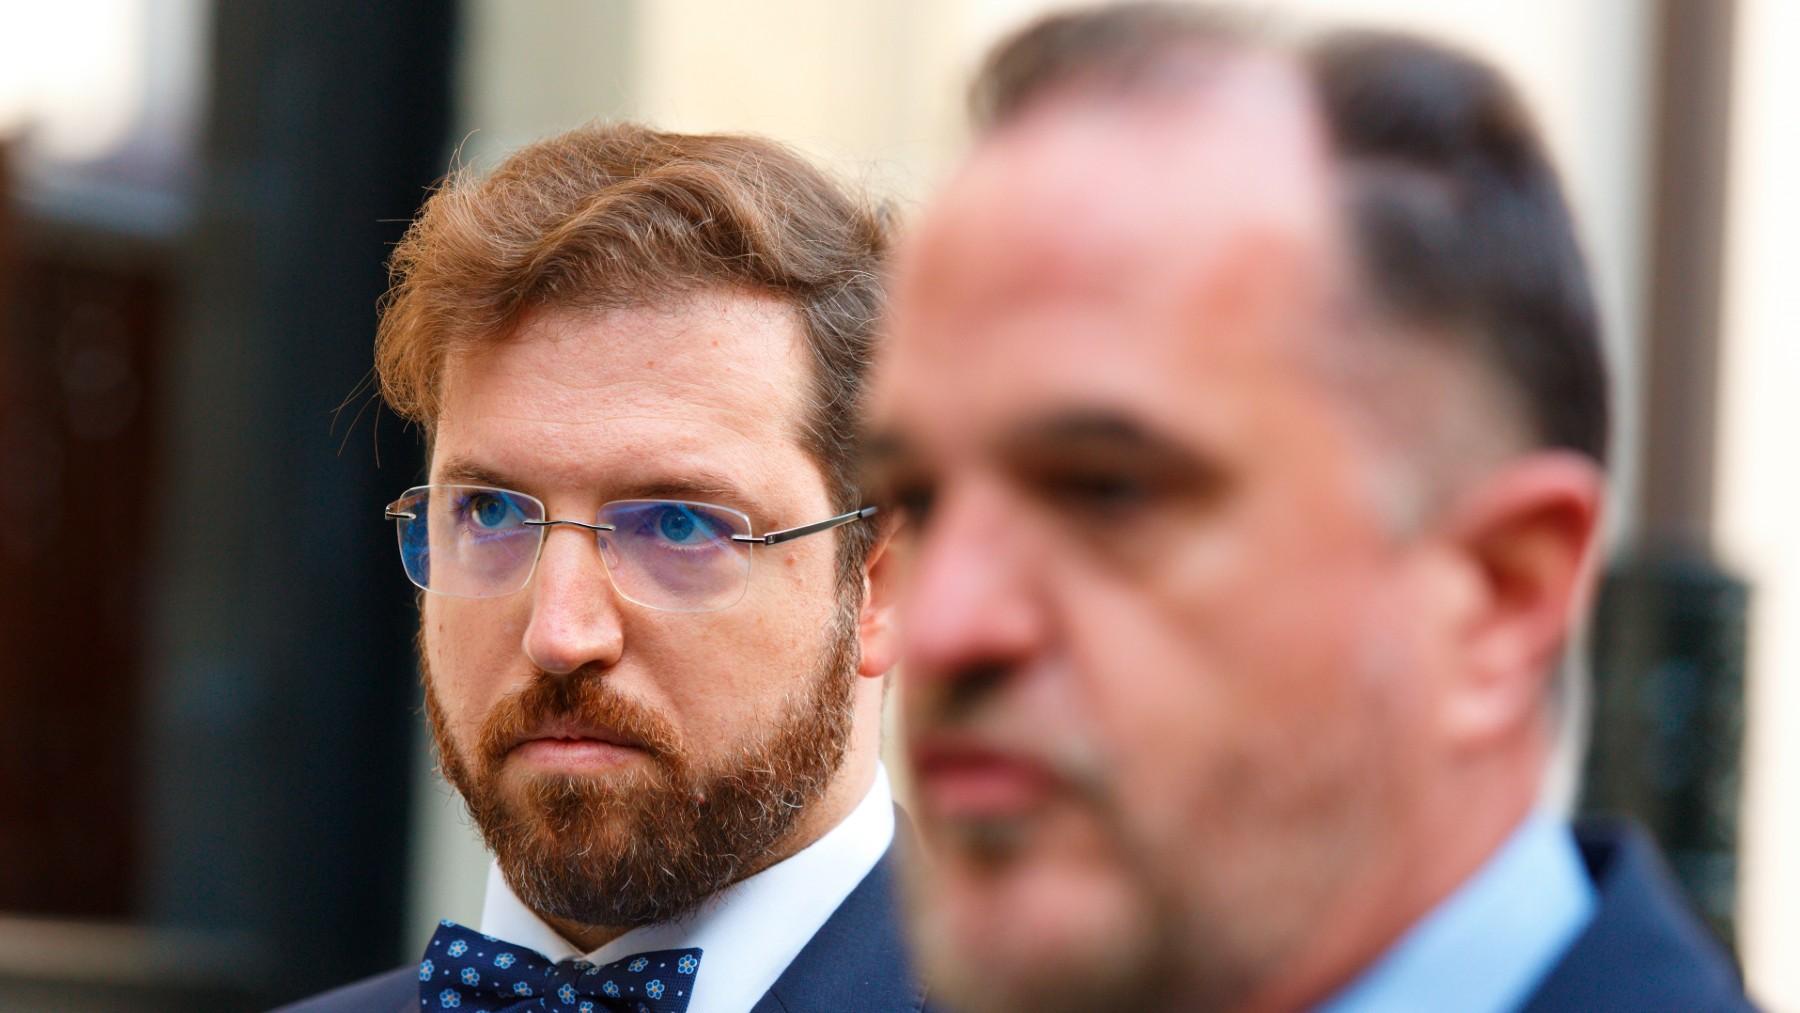 El diputado de Ciudadanos en el Parlamento Vasco Luis Gordillo, y el líder del PP del País Vasco, Carlos Iturgaiz. (Foto: Efe)